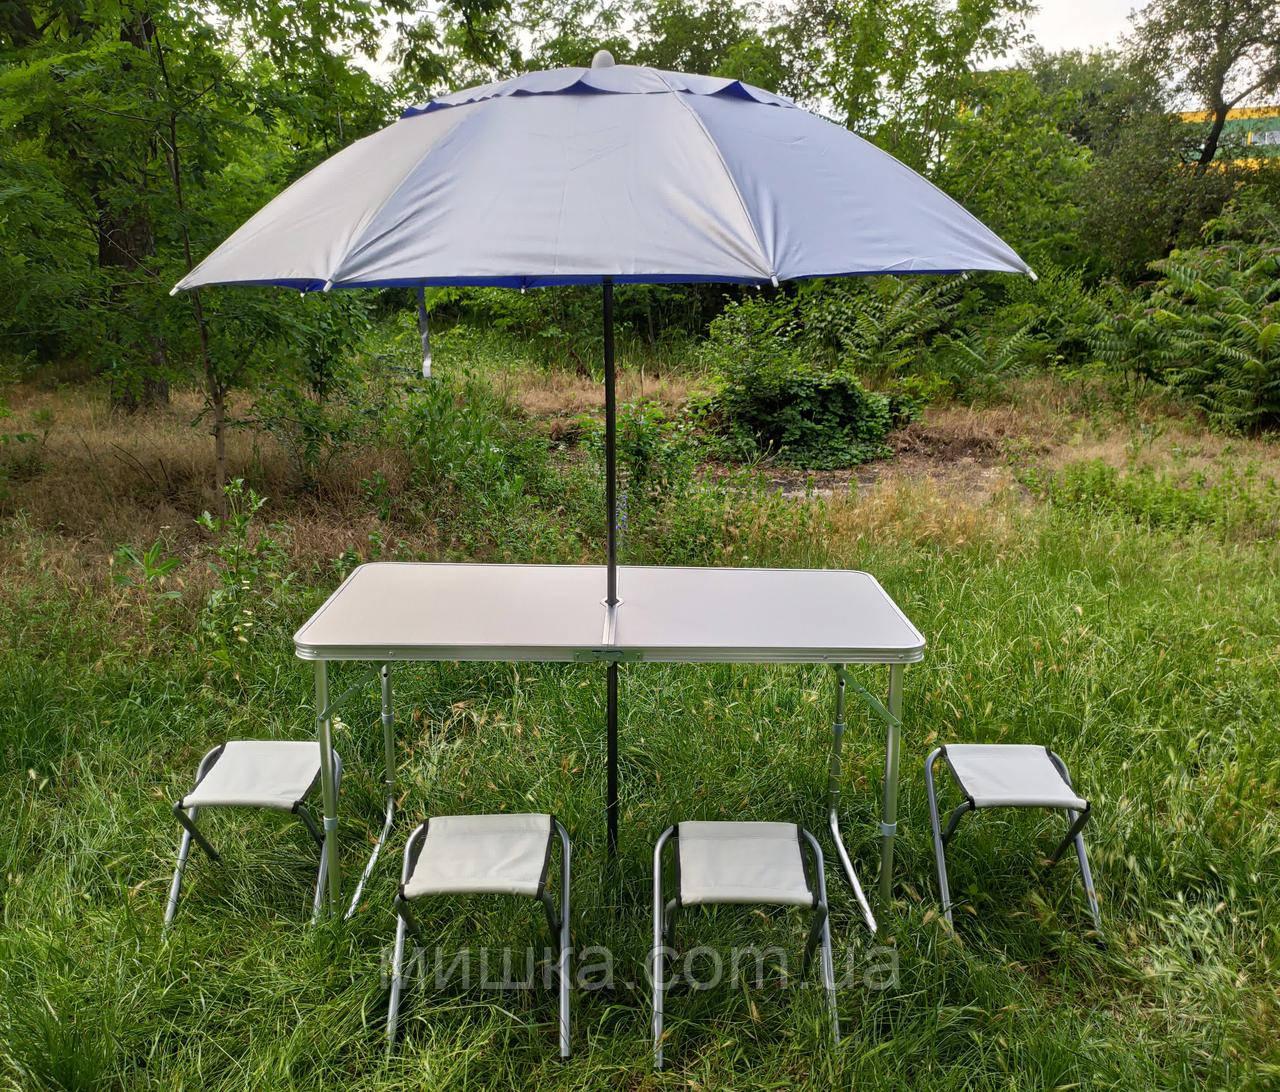 Зручний розкладний білий стіл для пікніка та 4 стільця + компактний міцний парасолька 1,6 м у ПОДАРУНОК!